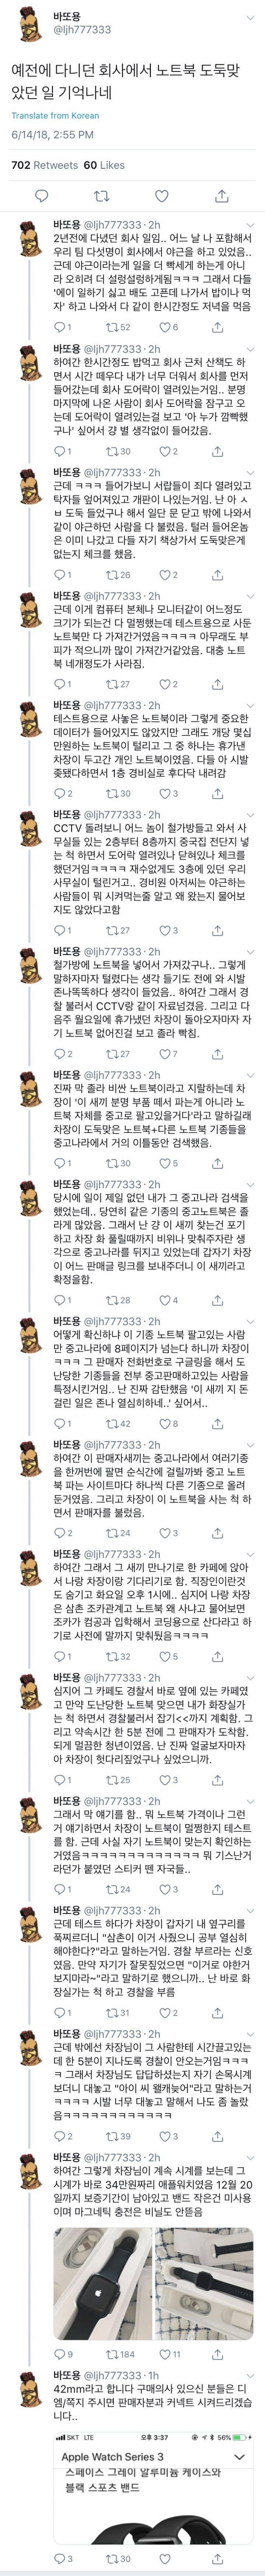 도난 당한 노트북 중고나라에서 찾은 썰 | 인스티즈